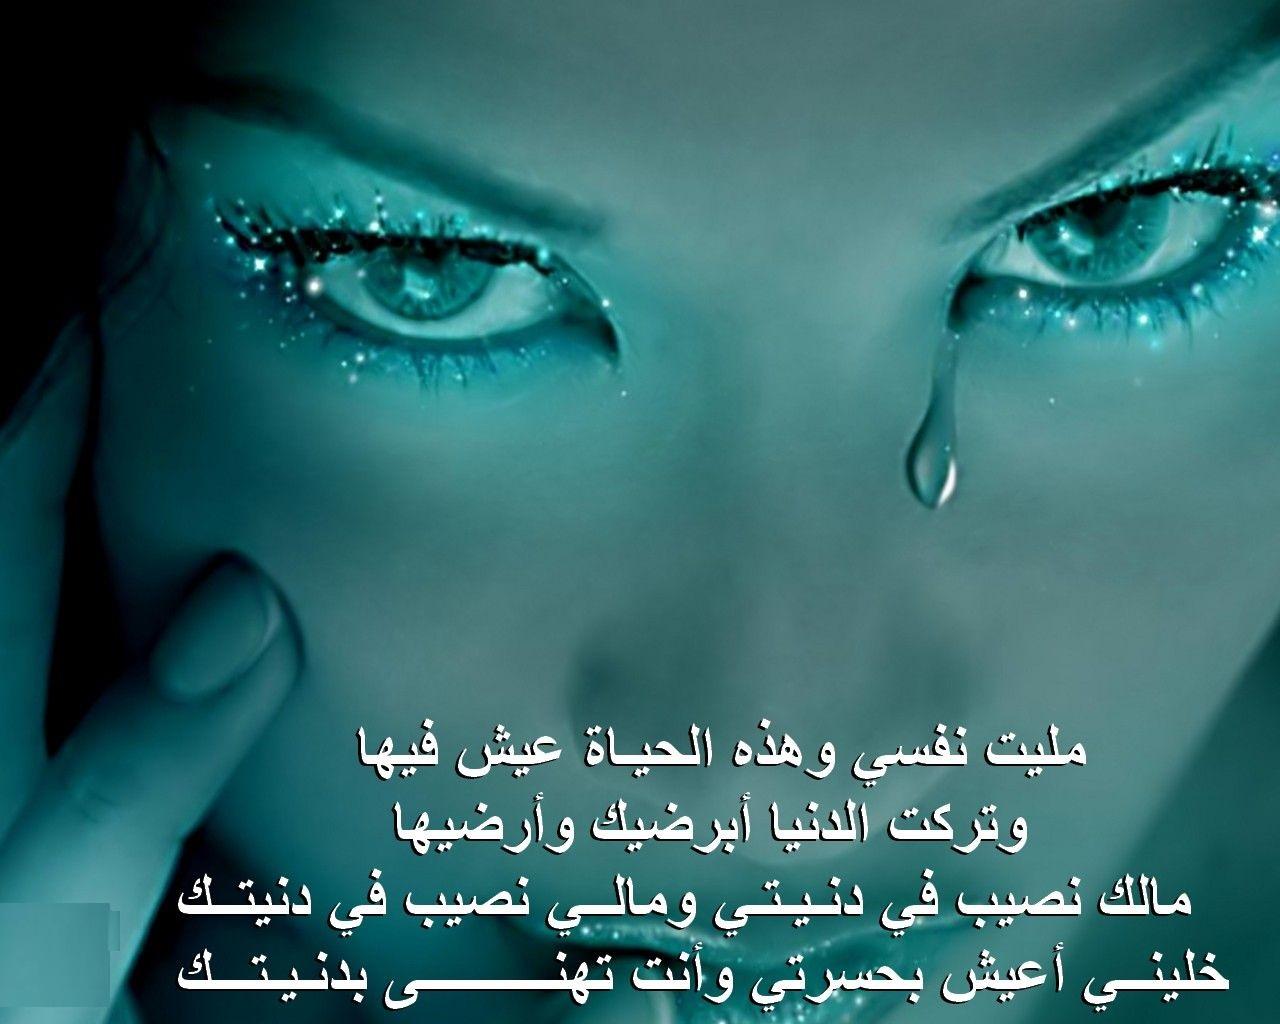 صورة كلام حزين جدا , اروع الكلمات الحزينة